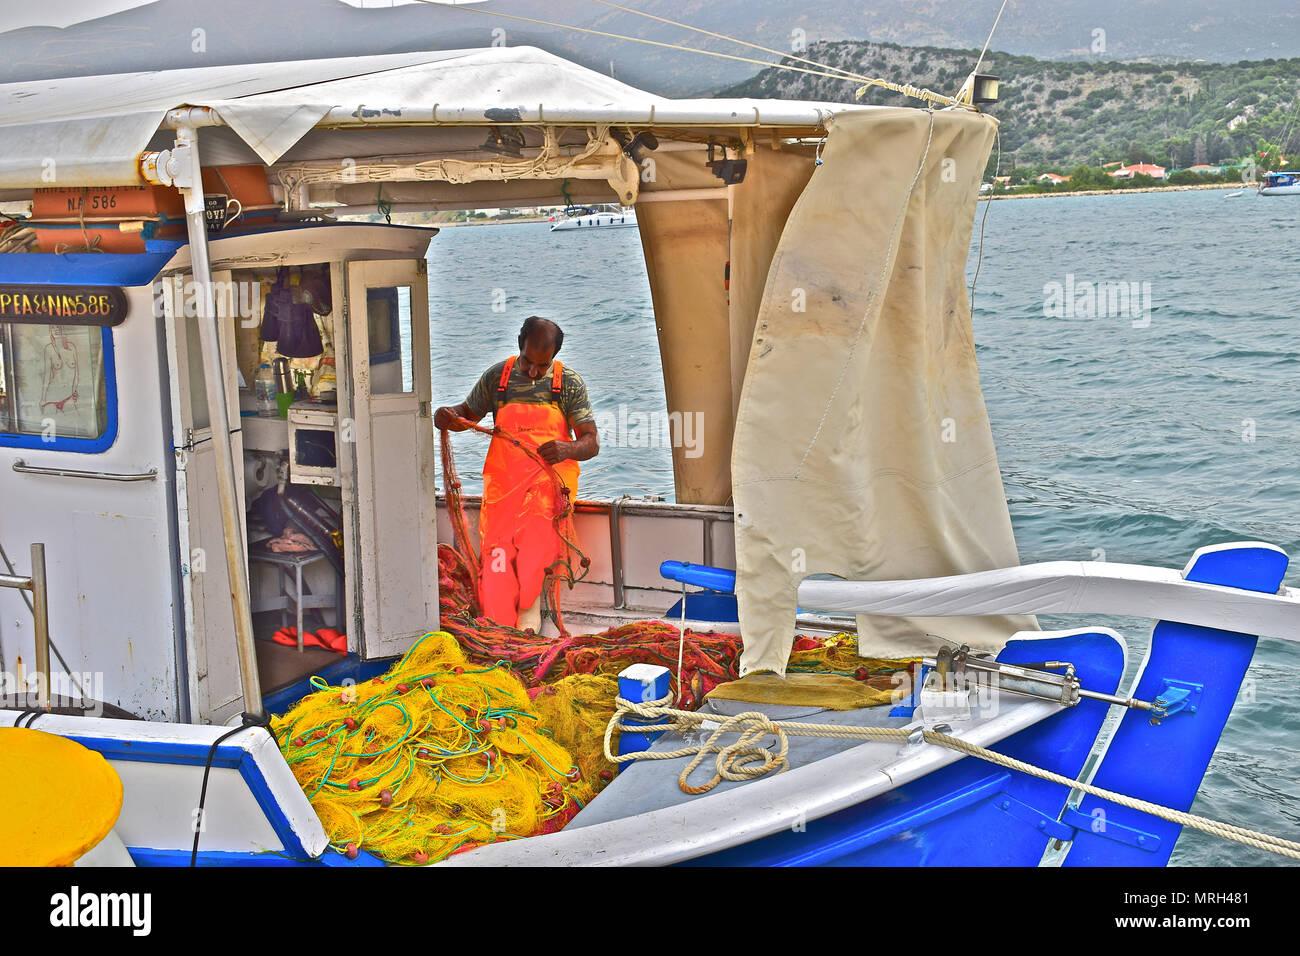 Griechische fischer Flicken der Netze an Bord seines kleinen Boot im Hafen der Hauptstadt Argostolis in Kefalonia Kefalonia/Griechenland Stockfoto